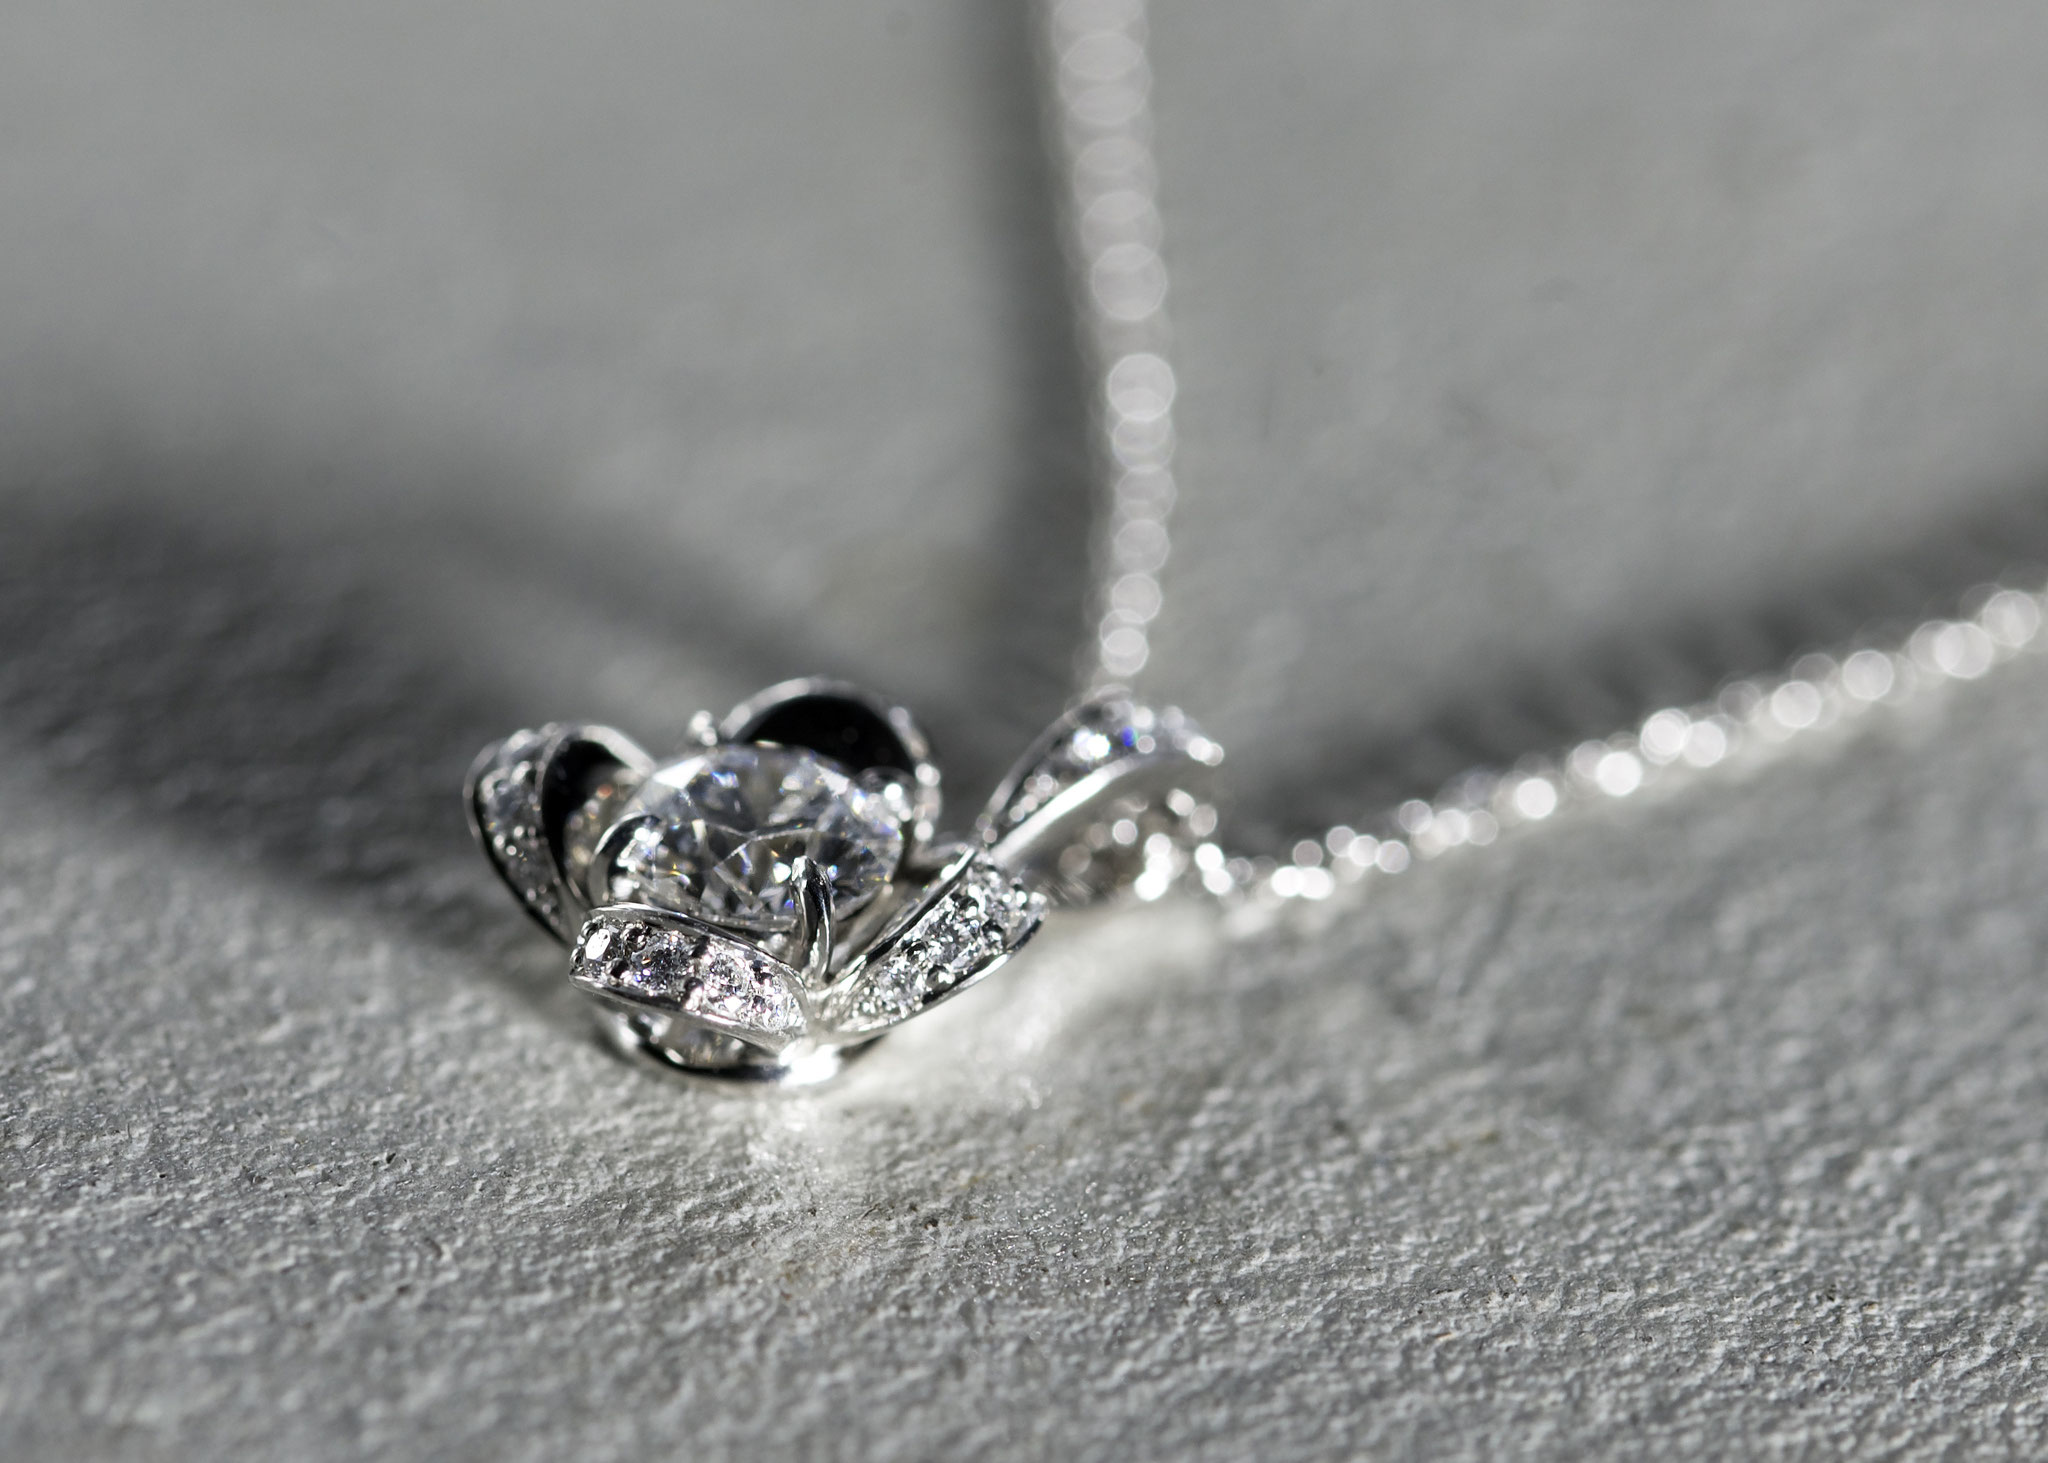 フルオーダーリフォーム Pt950×持ち込みダイヤモンド /0.615ct×メレダイヤモンド 0.107ct/23P